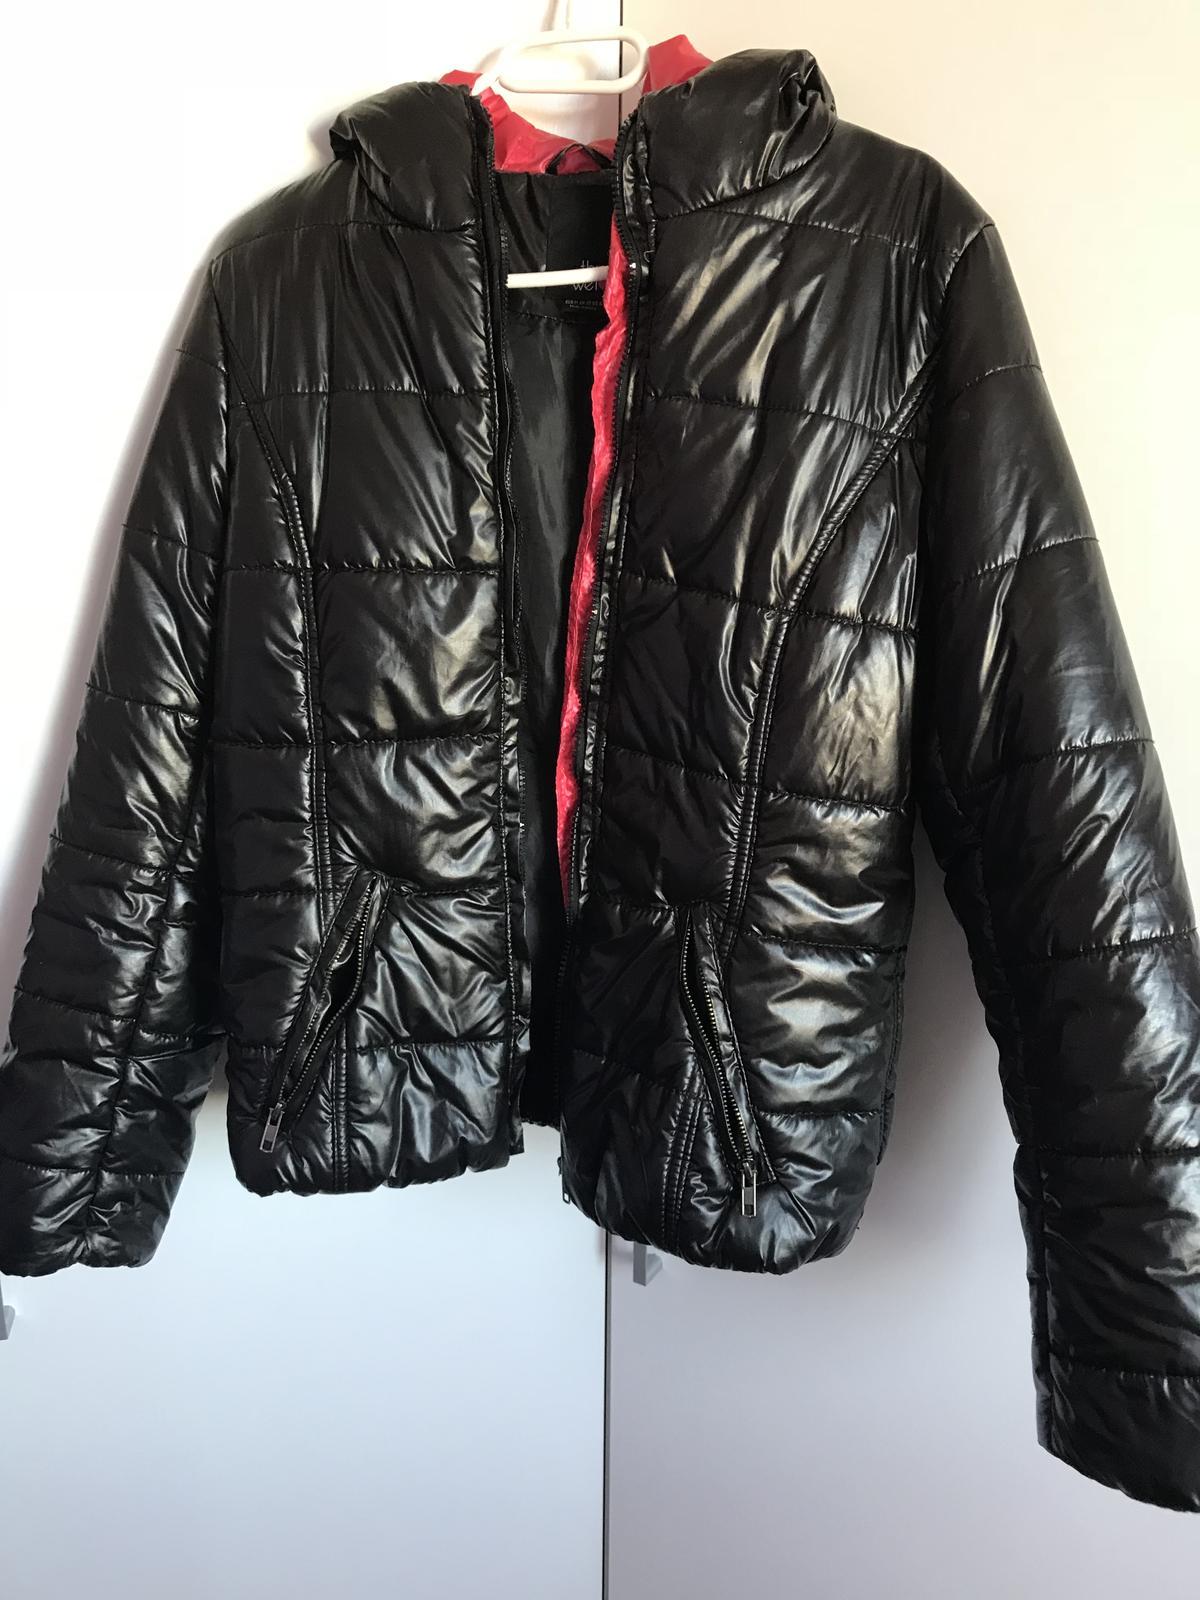 18a89c9f6 Prechodný kabát, terranova,m - 5 € od predávajúcej punkaorsolya | Detský  bazár | ModryKonik.sk